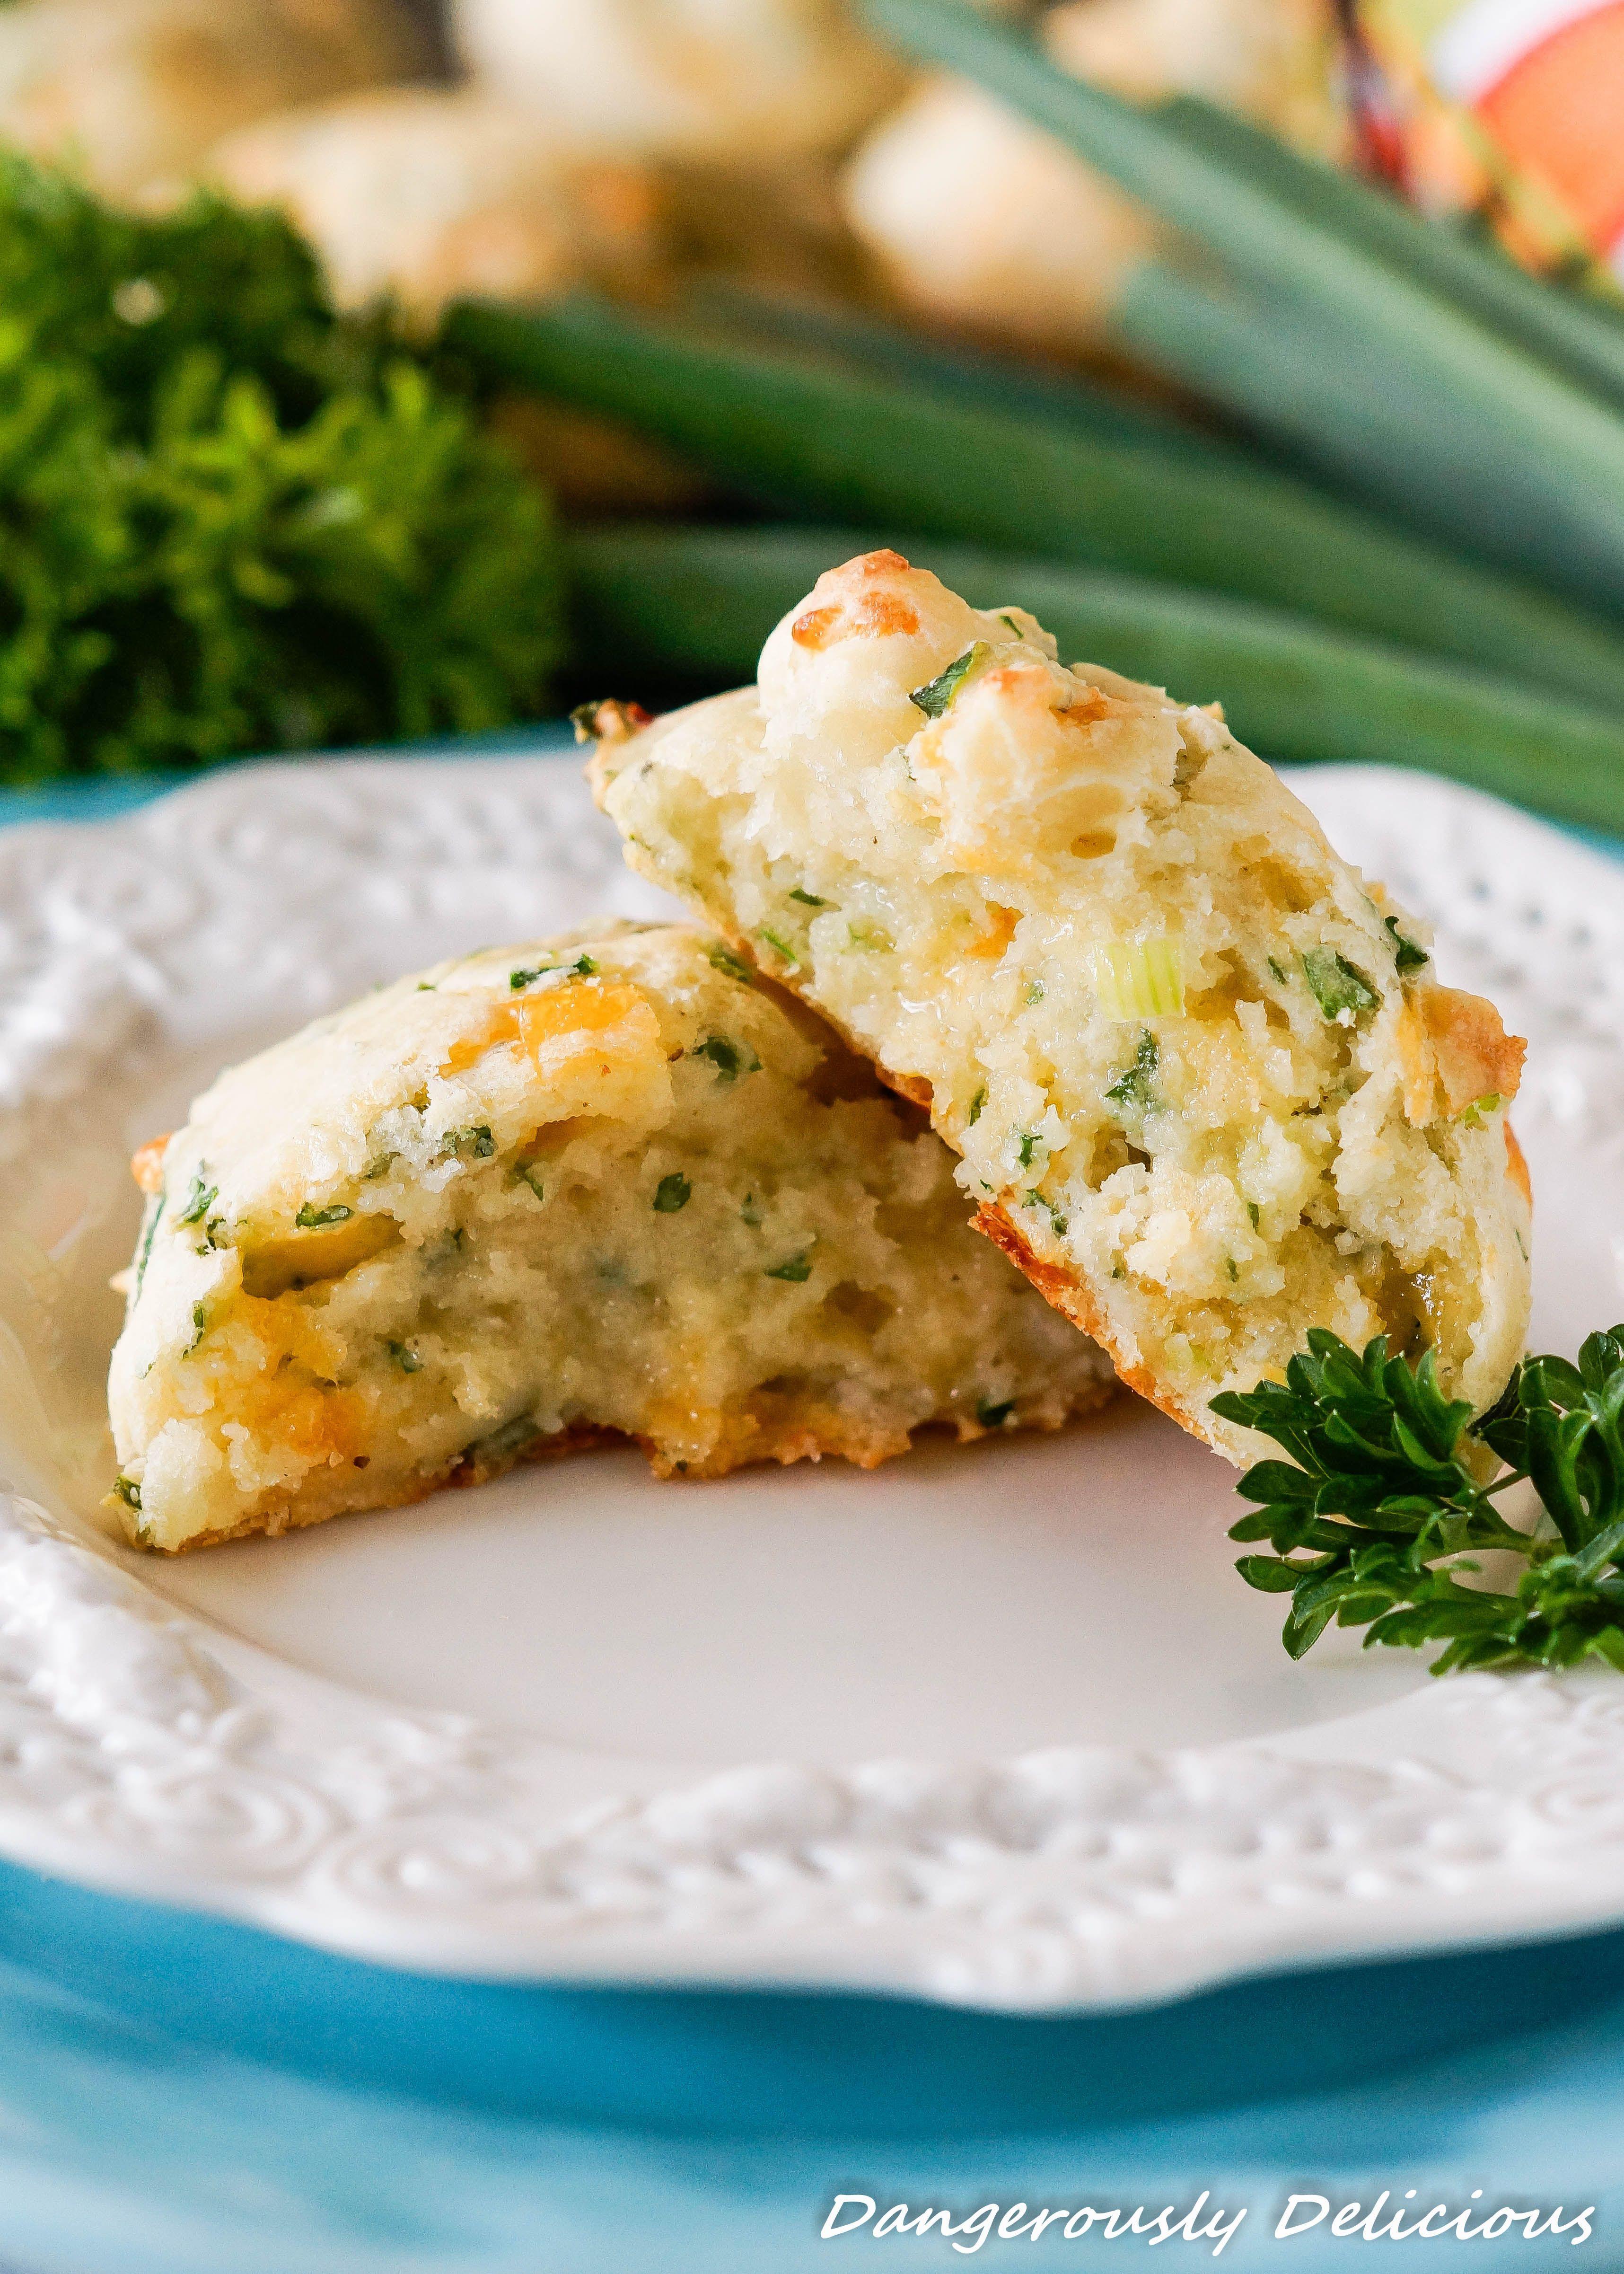 Cream of coconut pecan pie recipe irish potatoes how